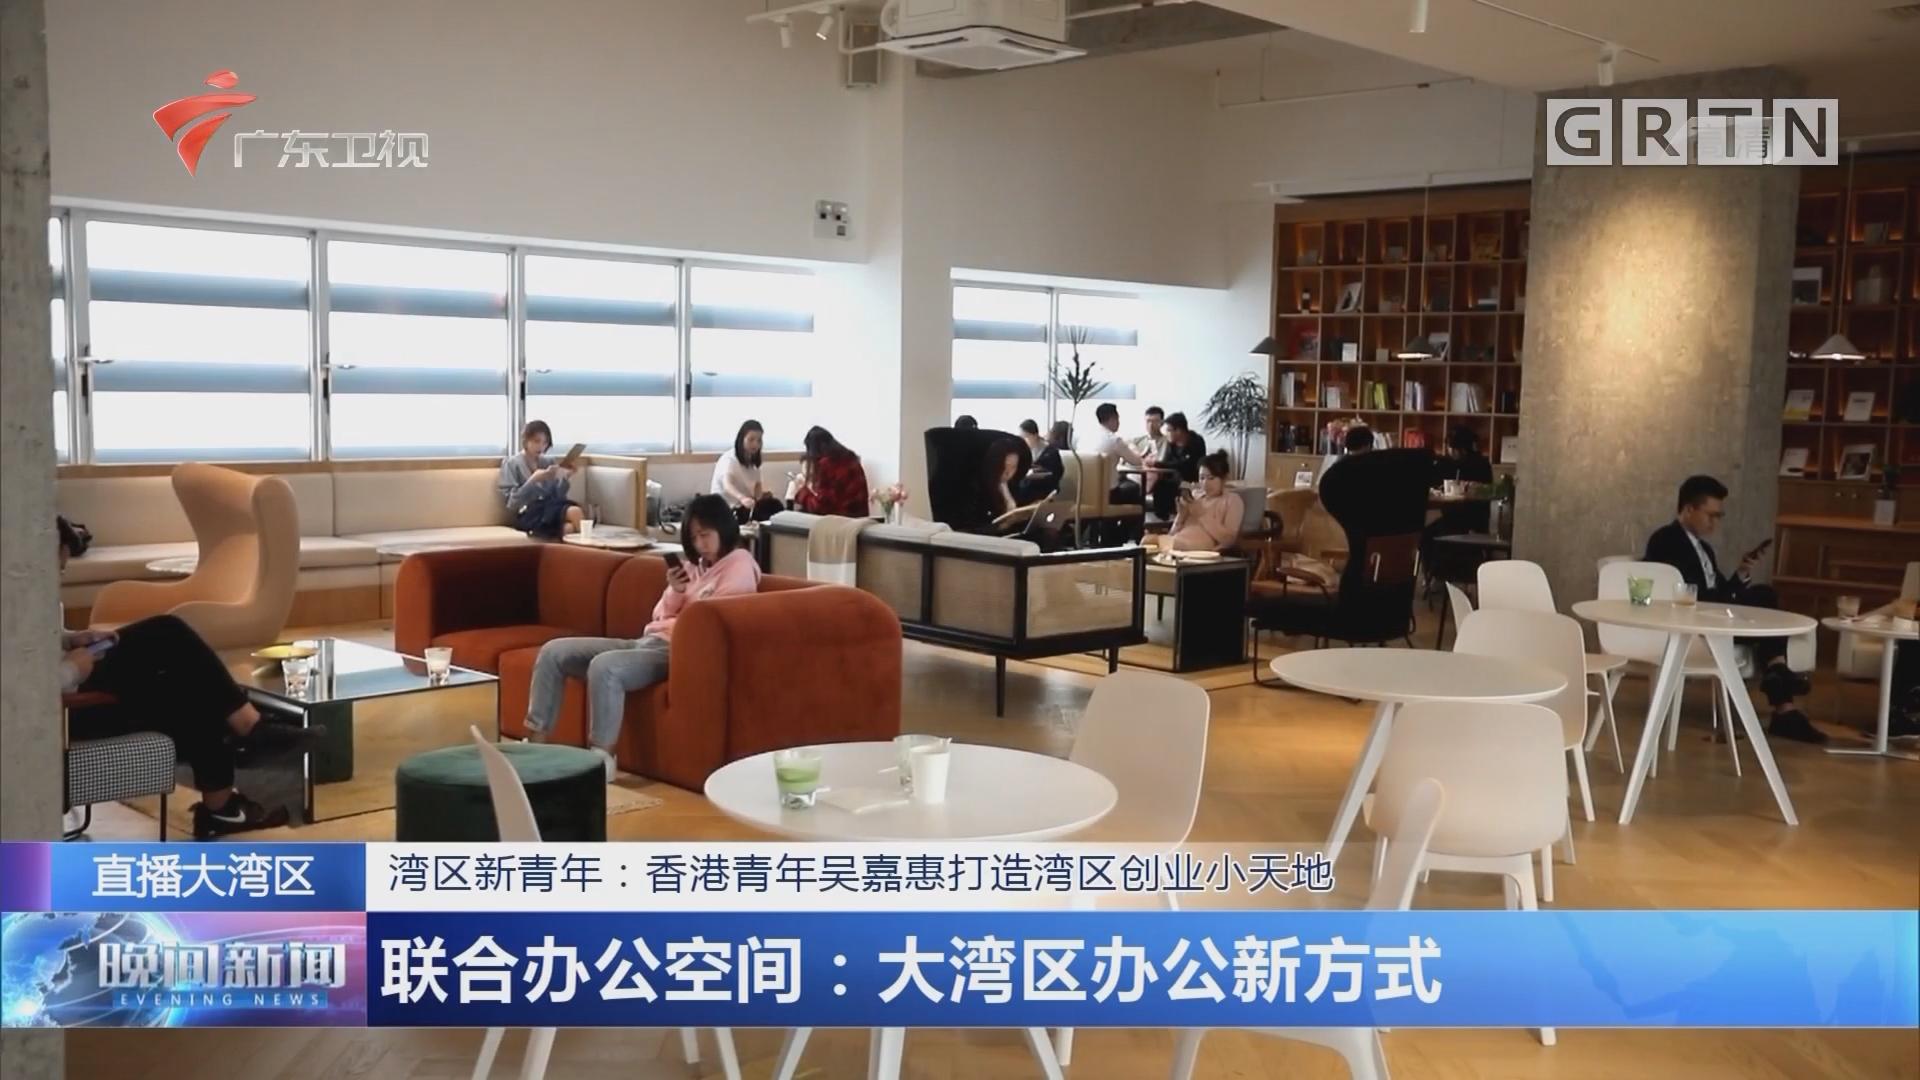 湾区新青年:香港青年吴嘉惠打造湾区创业小天地 联合办公空间:大湾区办公新方式